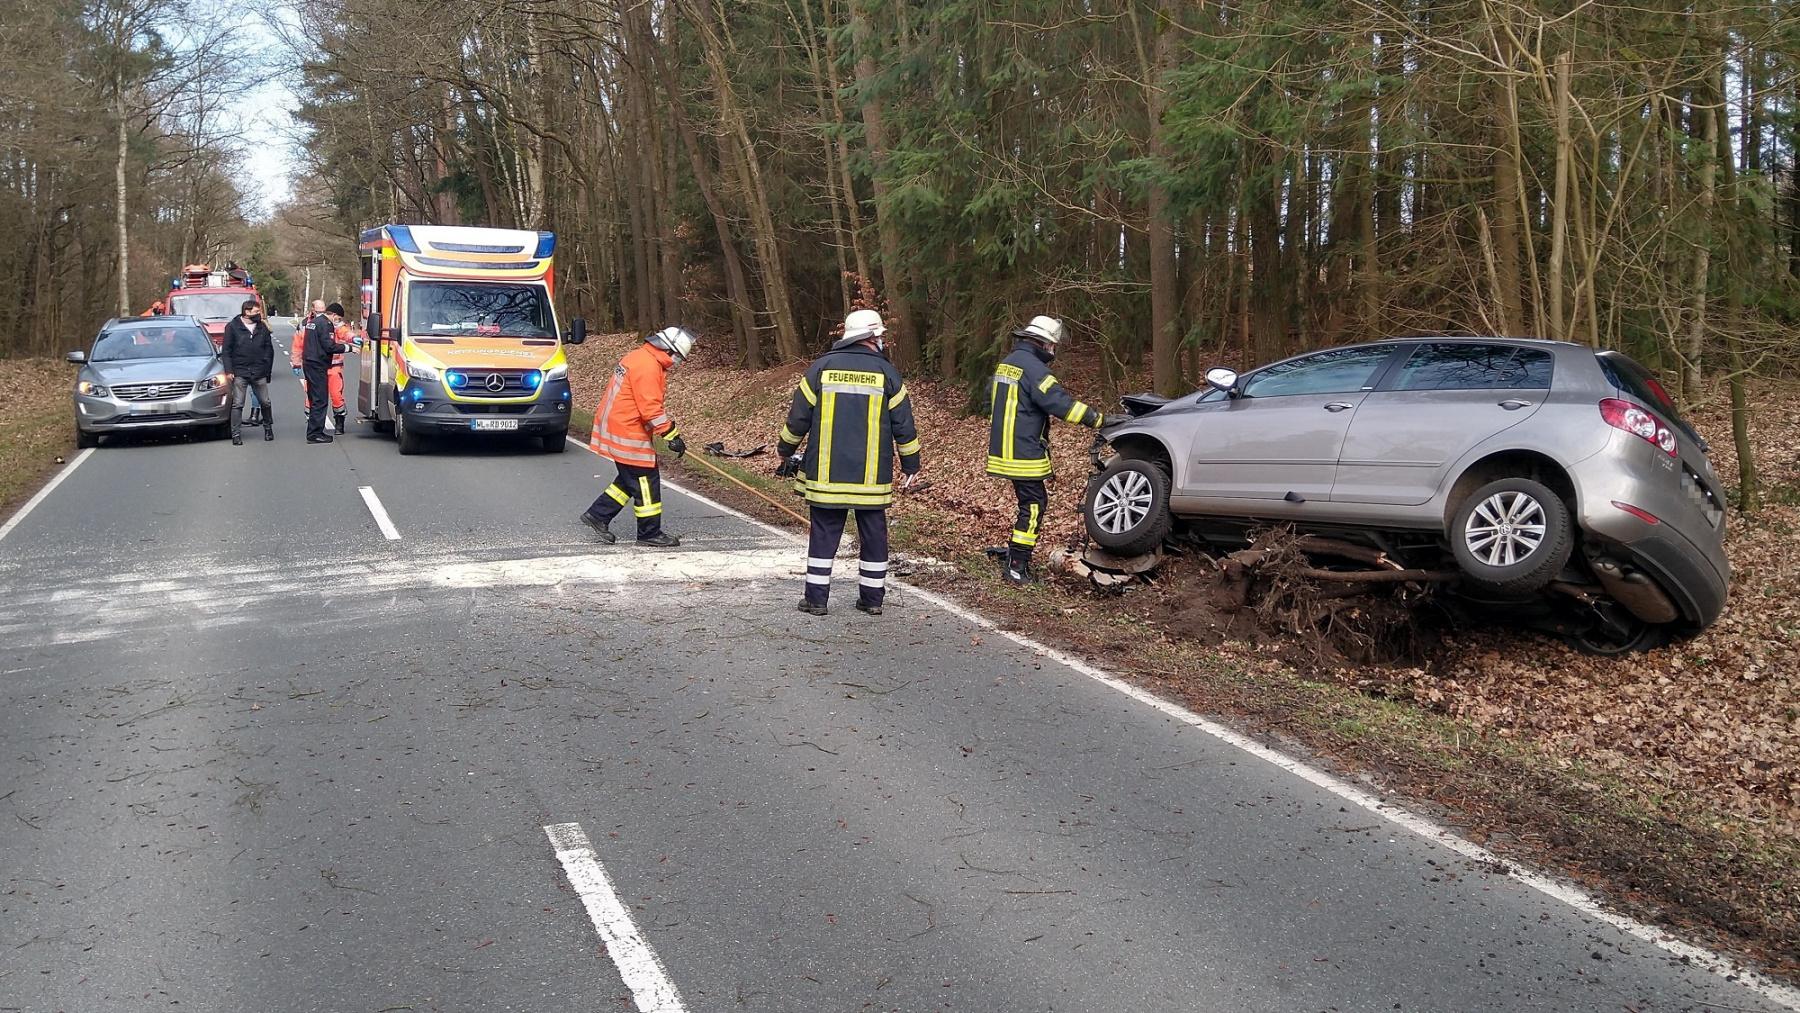 2021_03_17_Verkehrsunfall-Nindorf-Bild-2